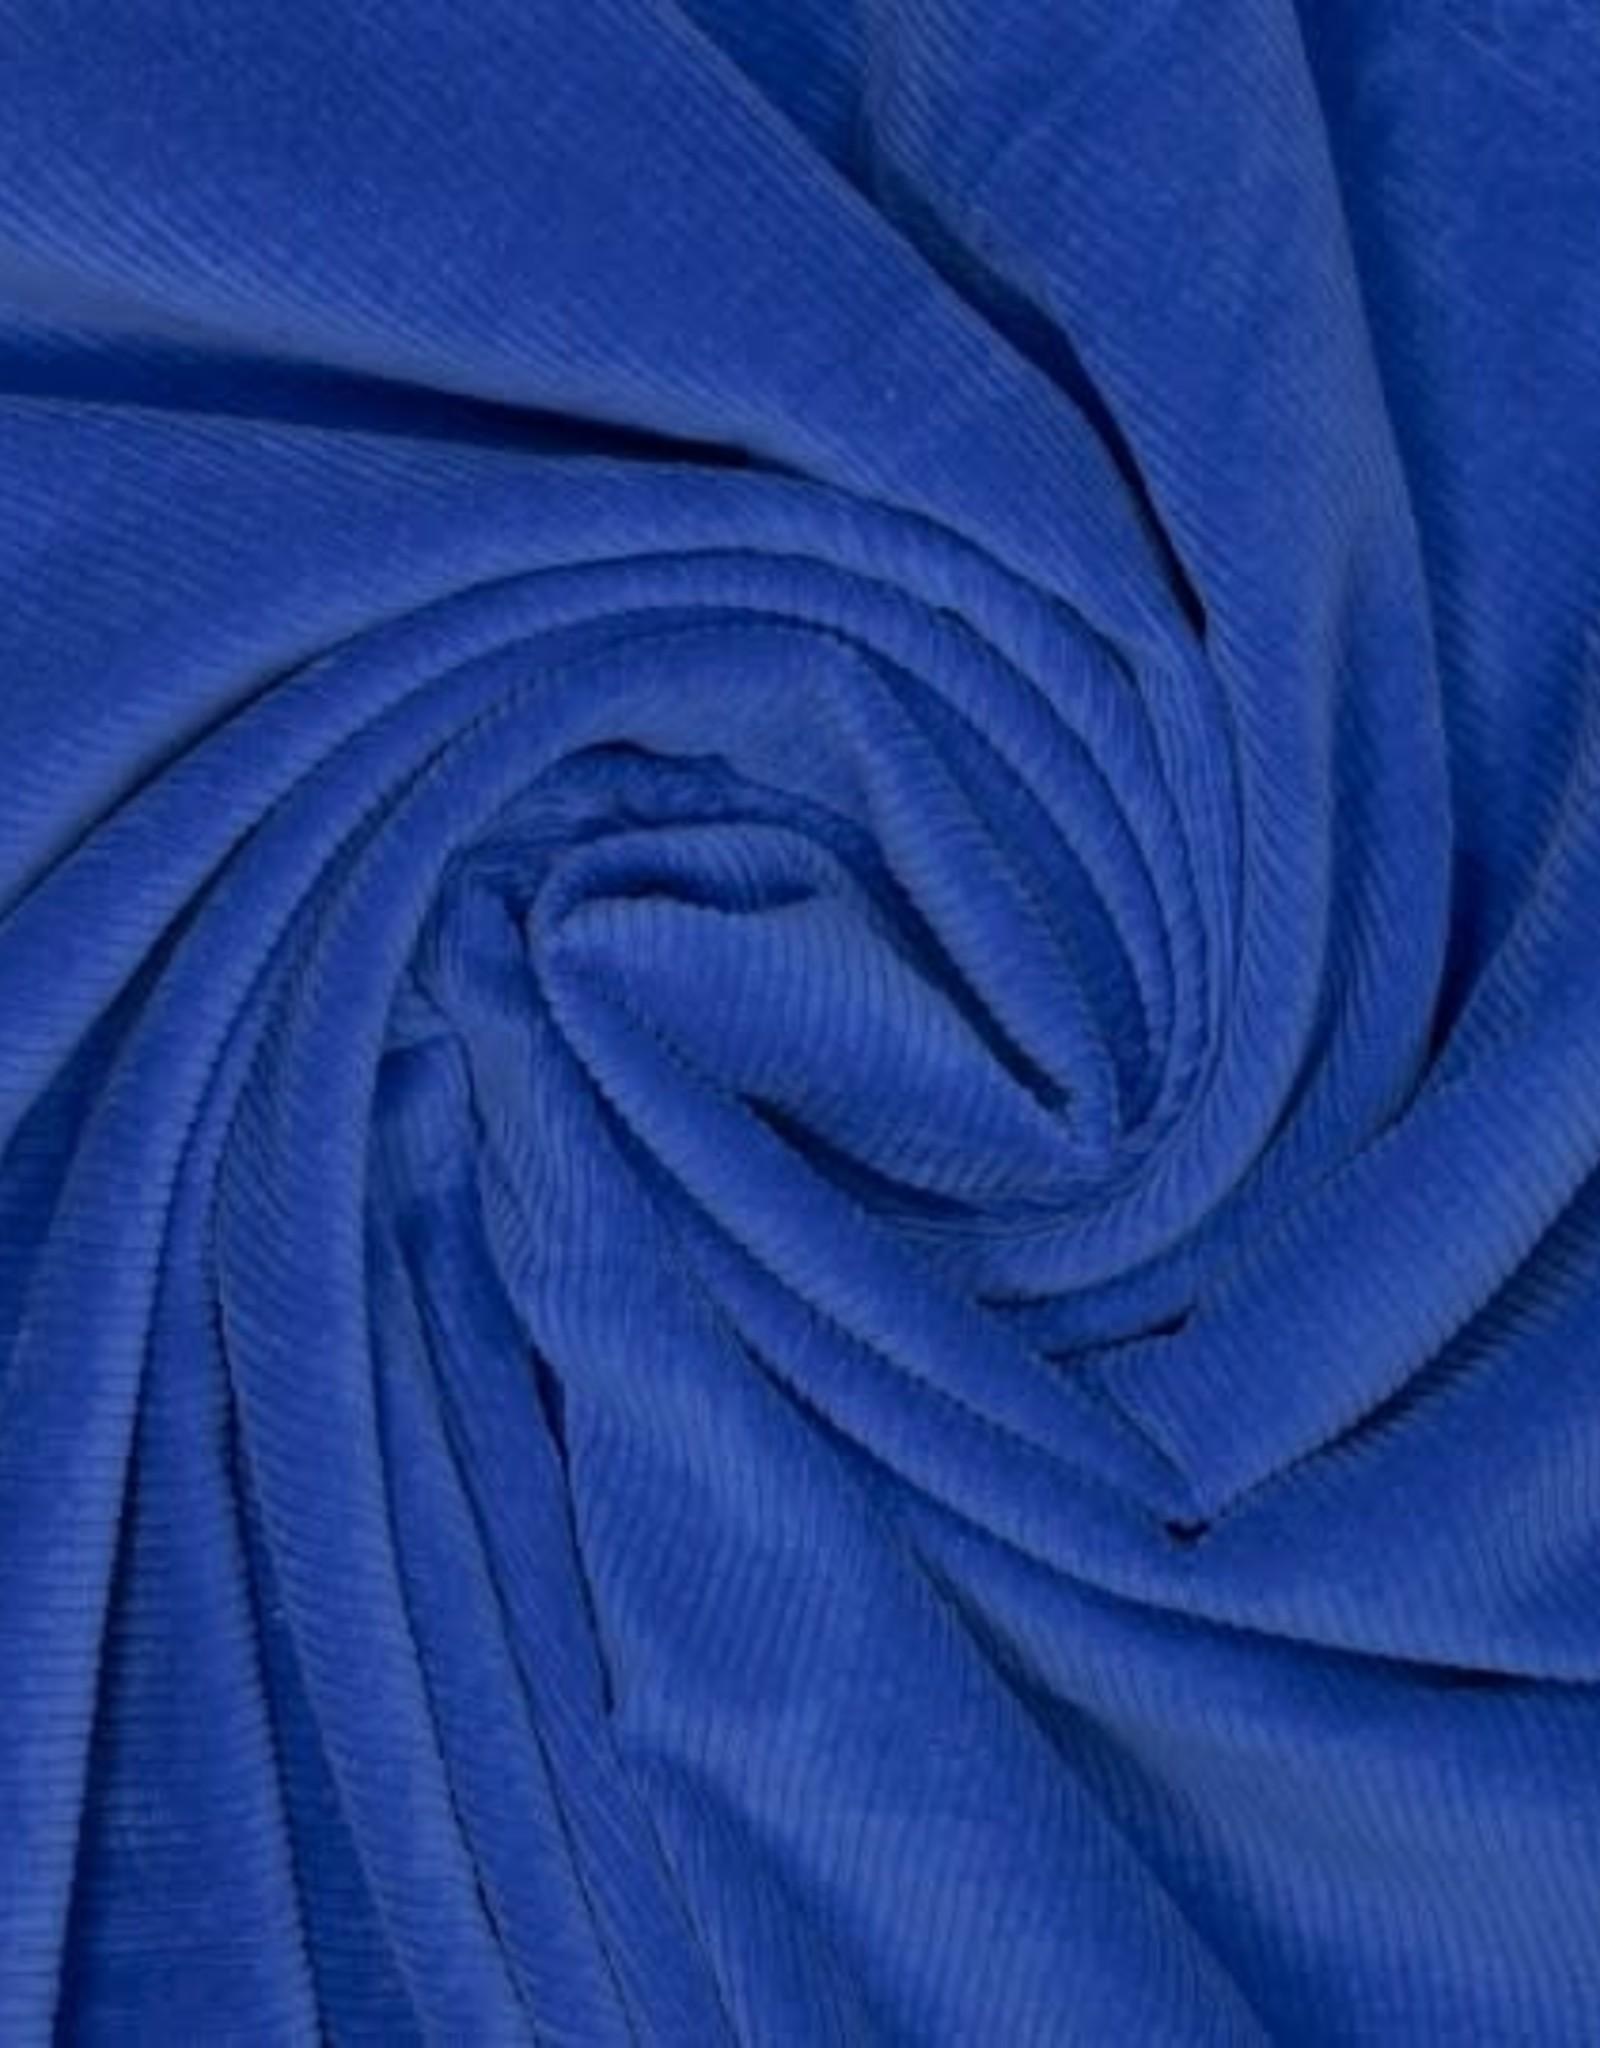 Geen merk Dazzling blue stretch corduroy